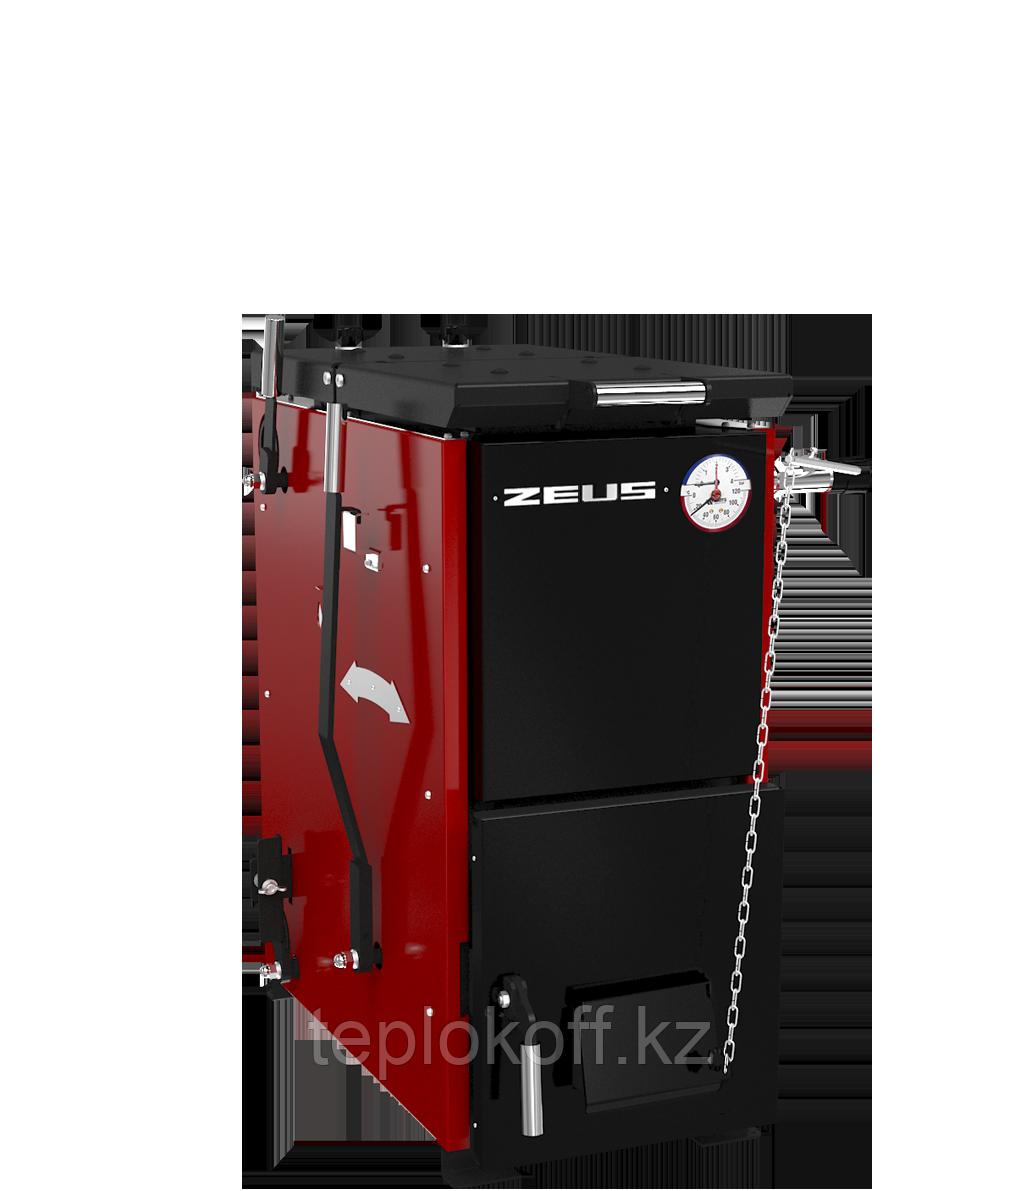 Котел твердотопливный полуавтоматический ZEUS («Зевс») 60 кВт